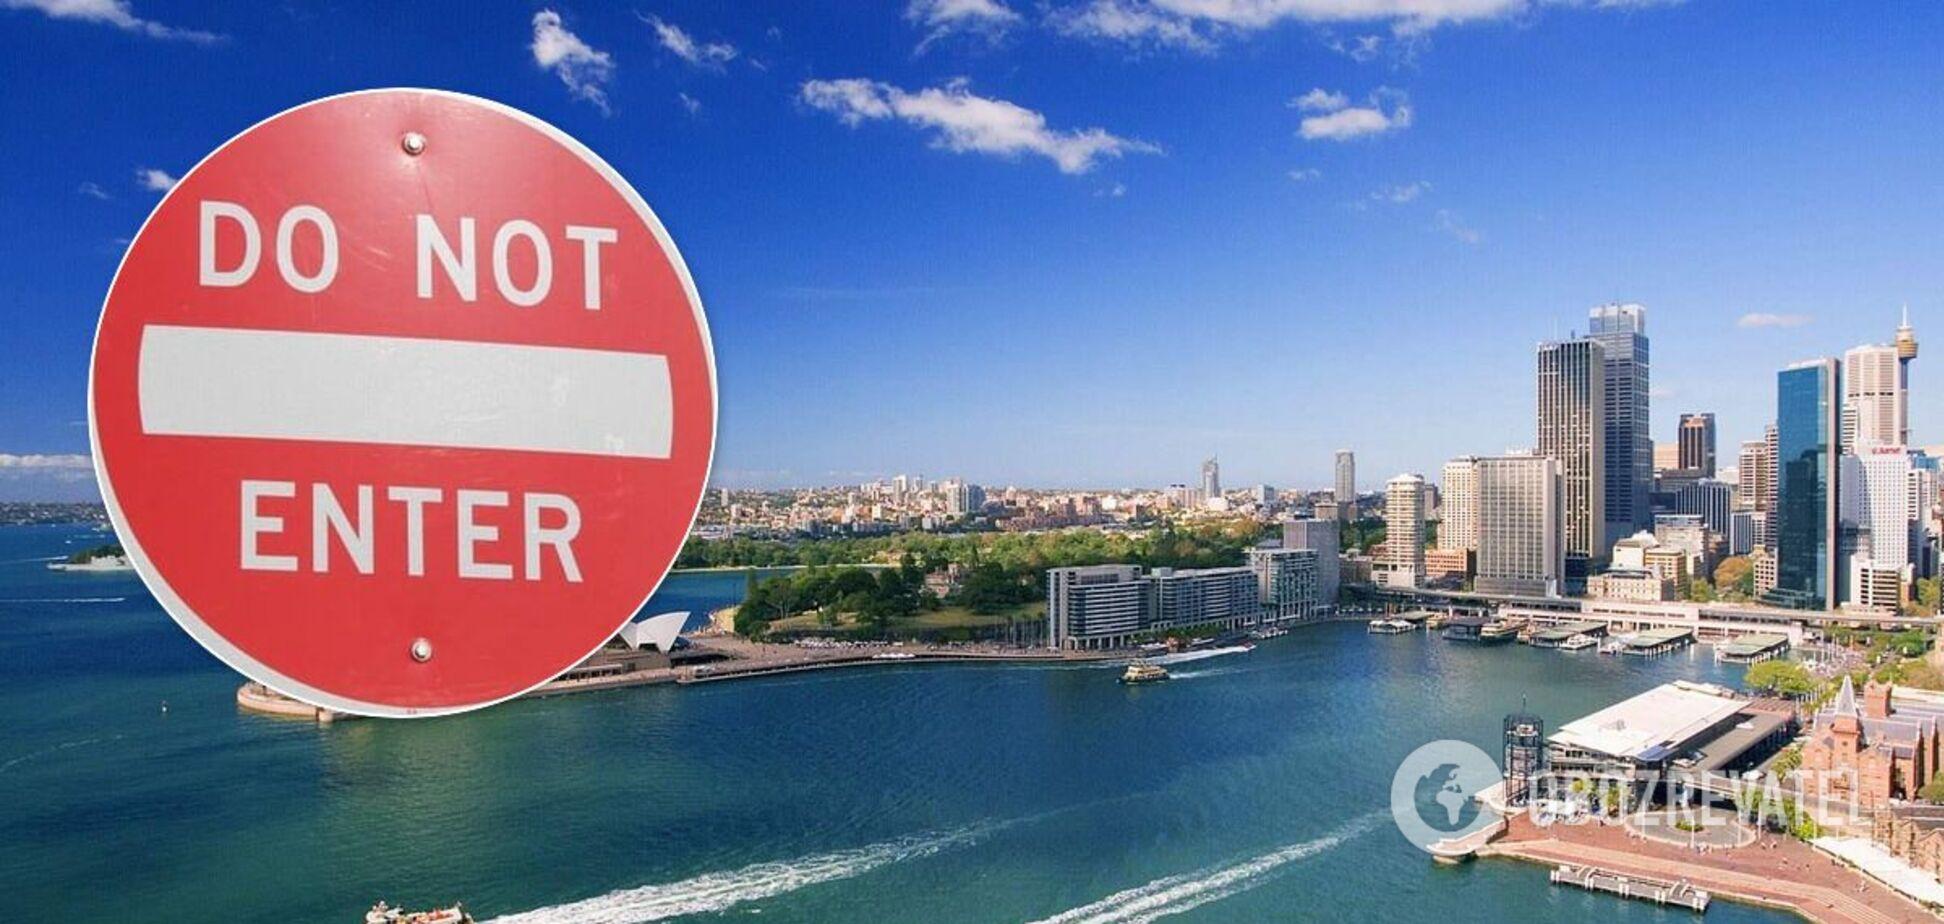 Що не можна робити в популярних туристичних країнах